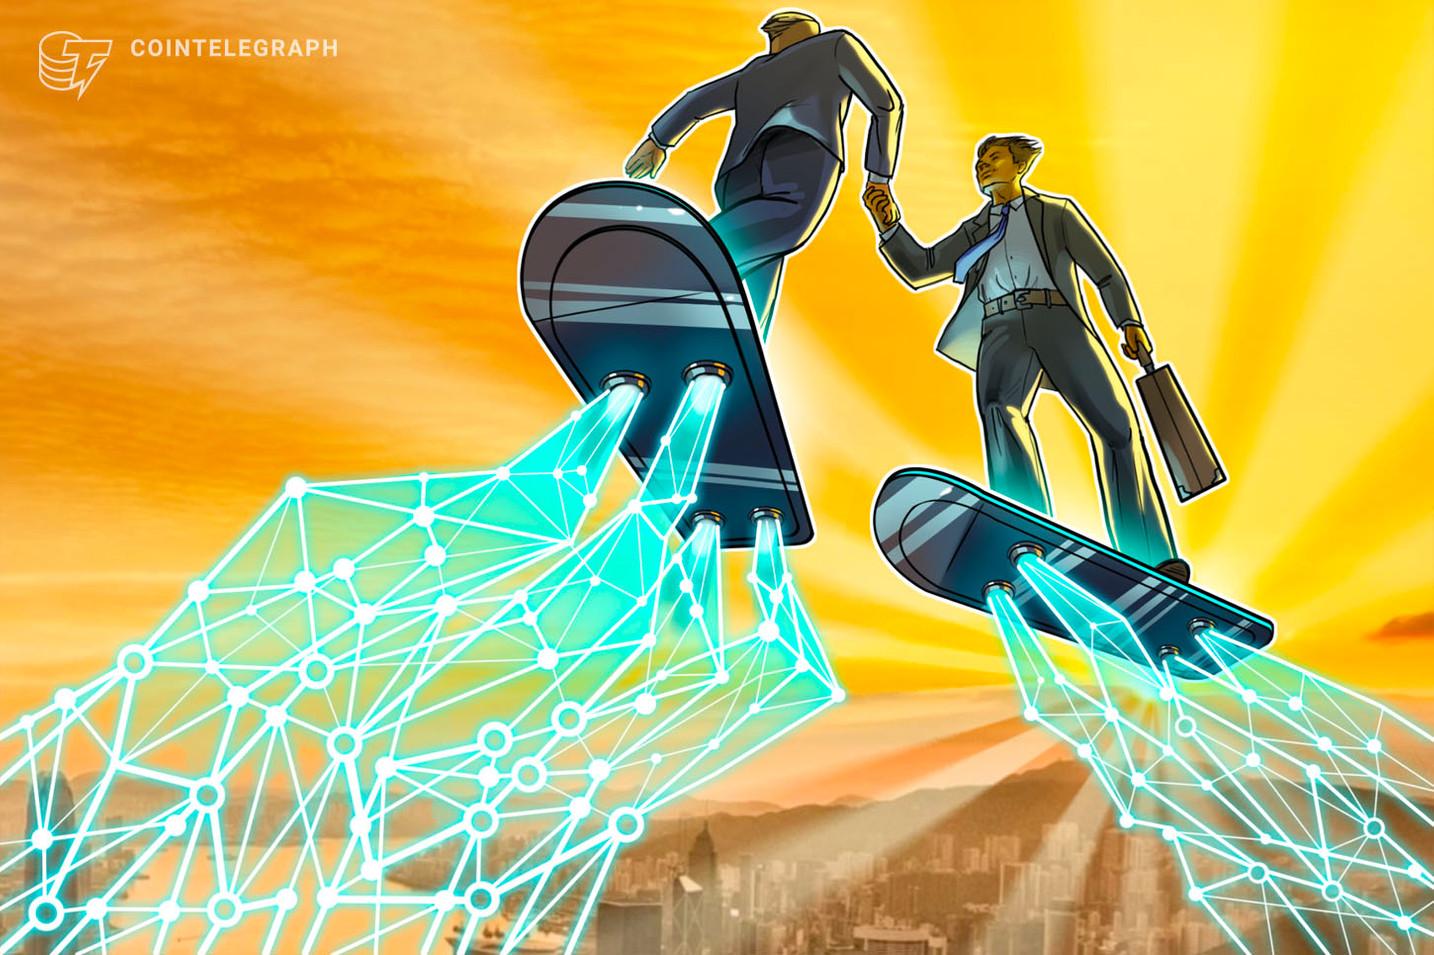 ブロックチェーン基盤の貿易金融ネットワーク「マルコポーロ」 3社が新たに参加